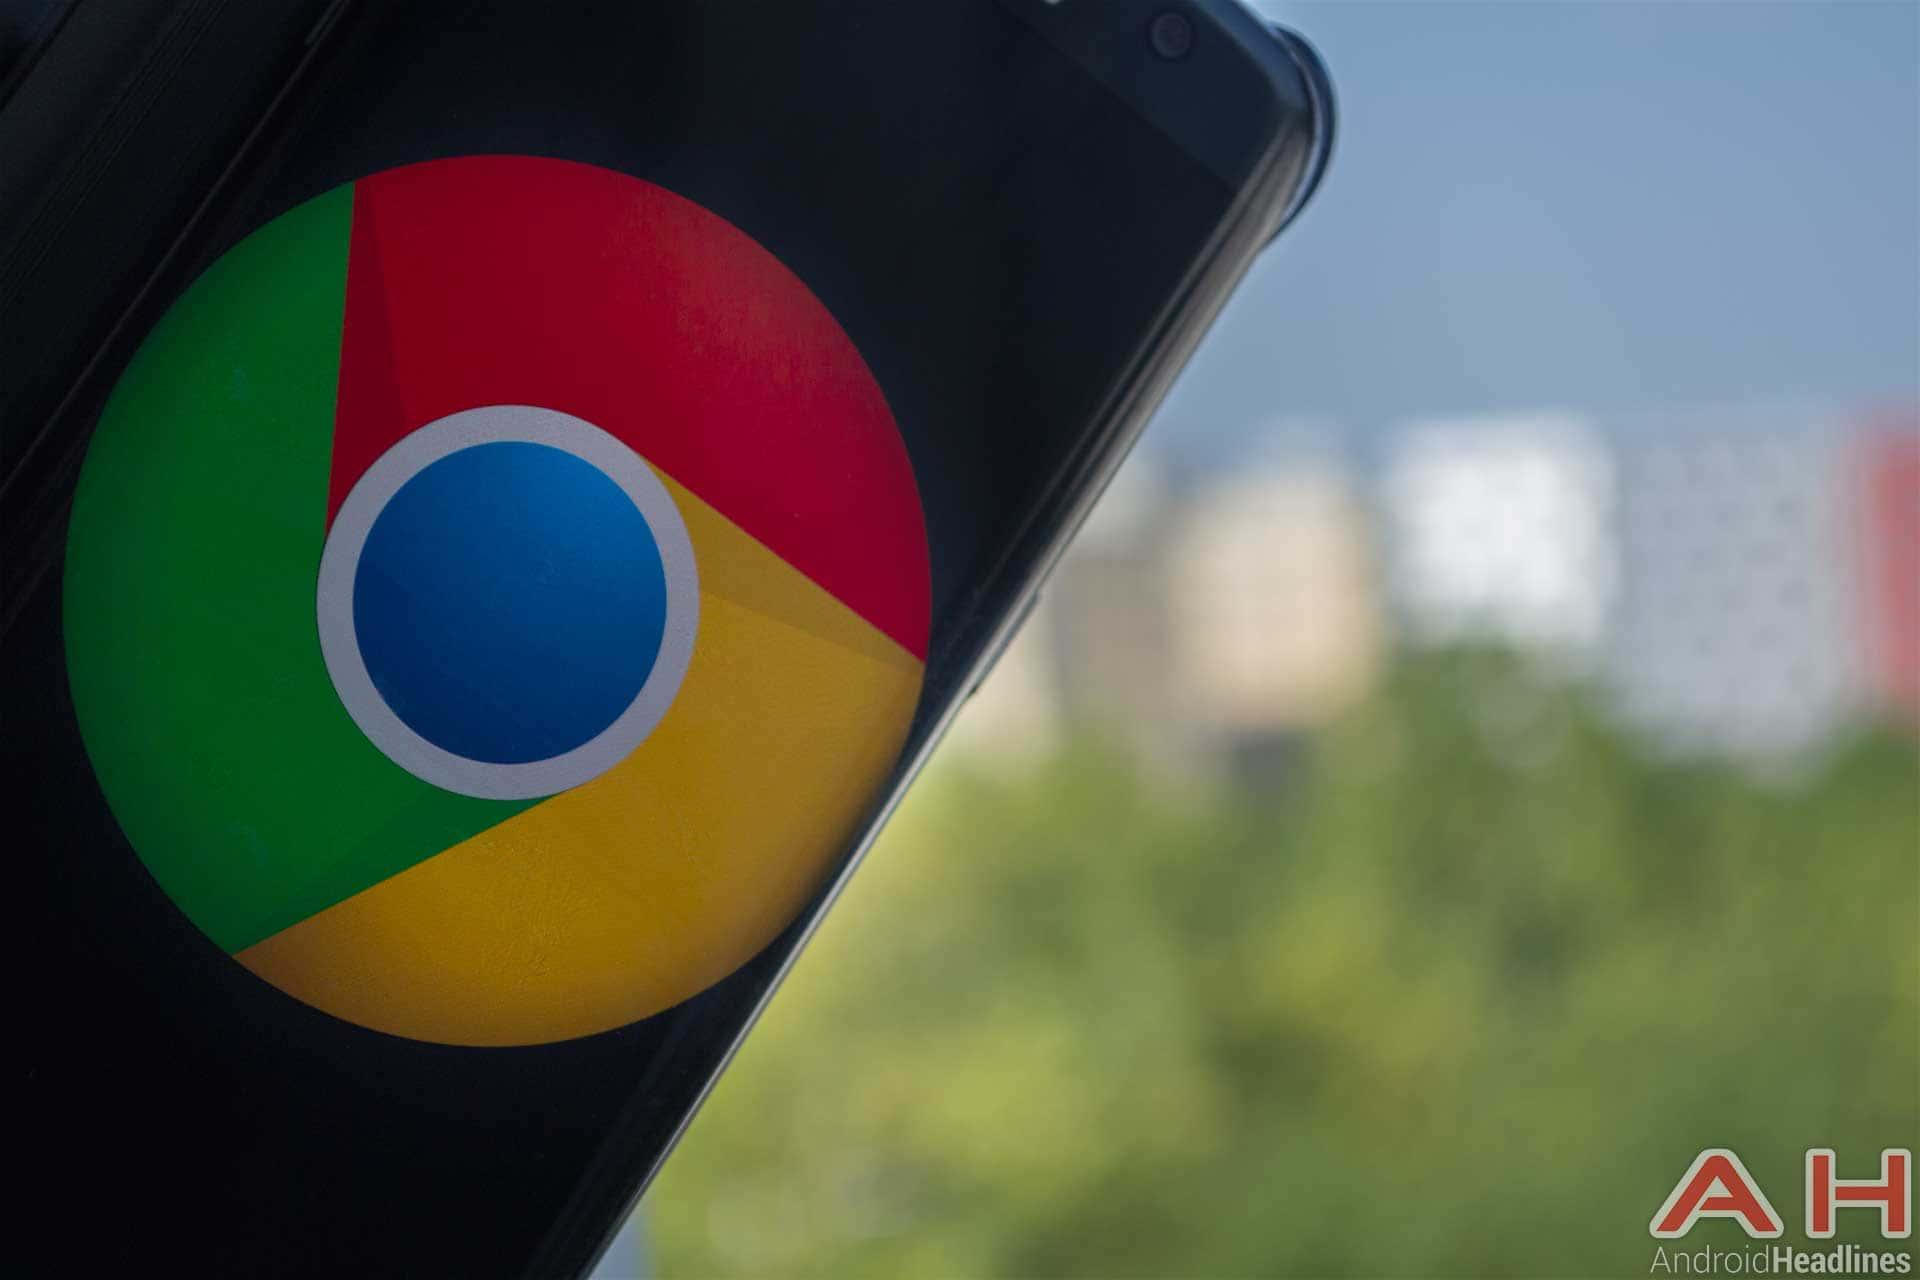 Lead Chrome Designer Discusses Material Design Changes